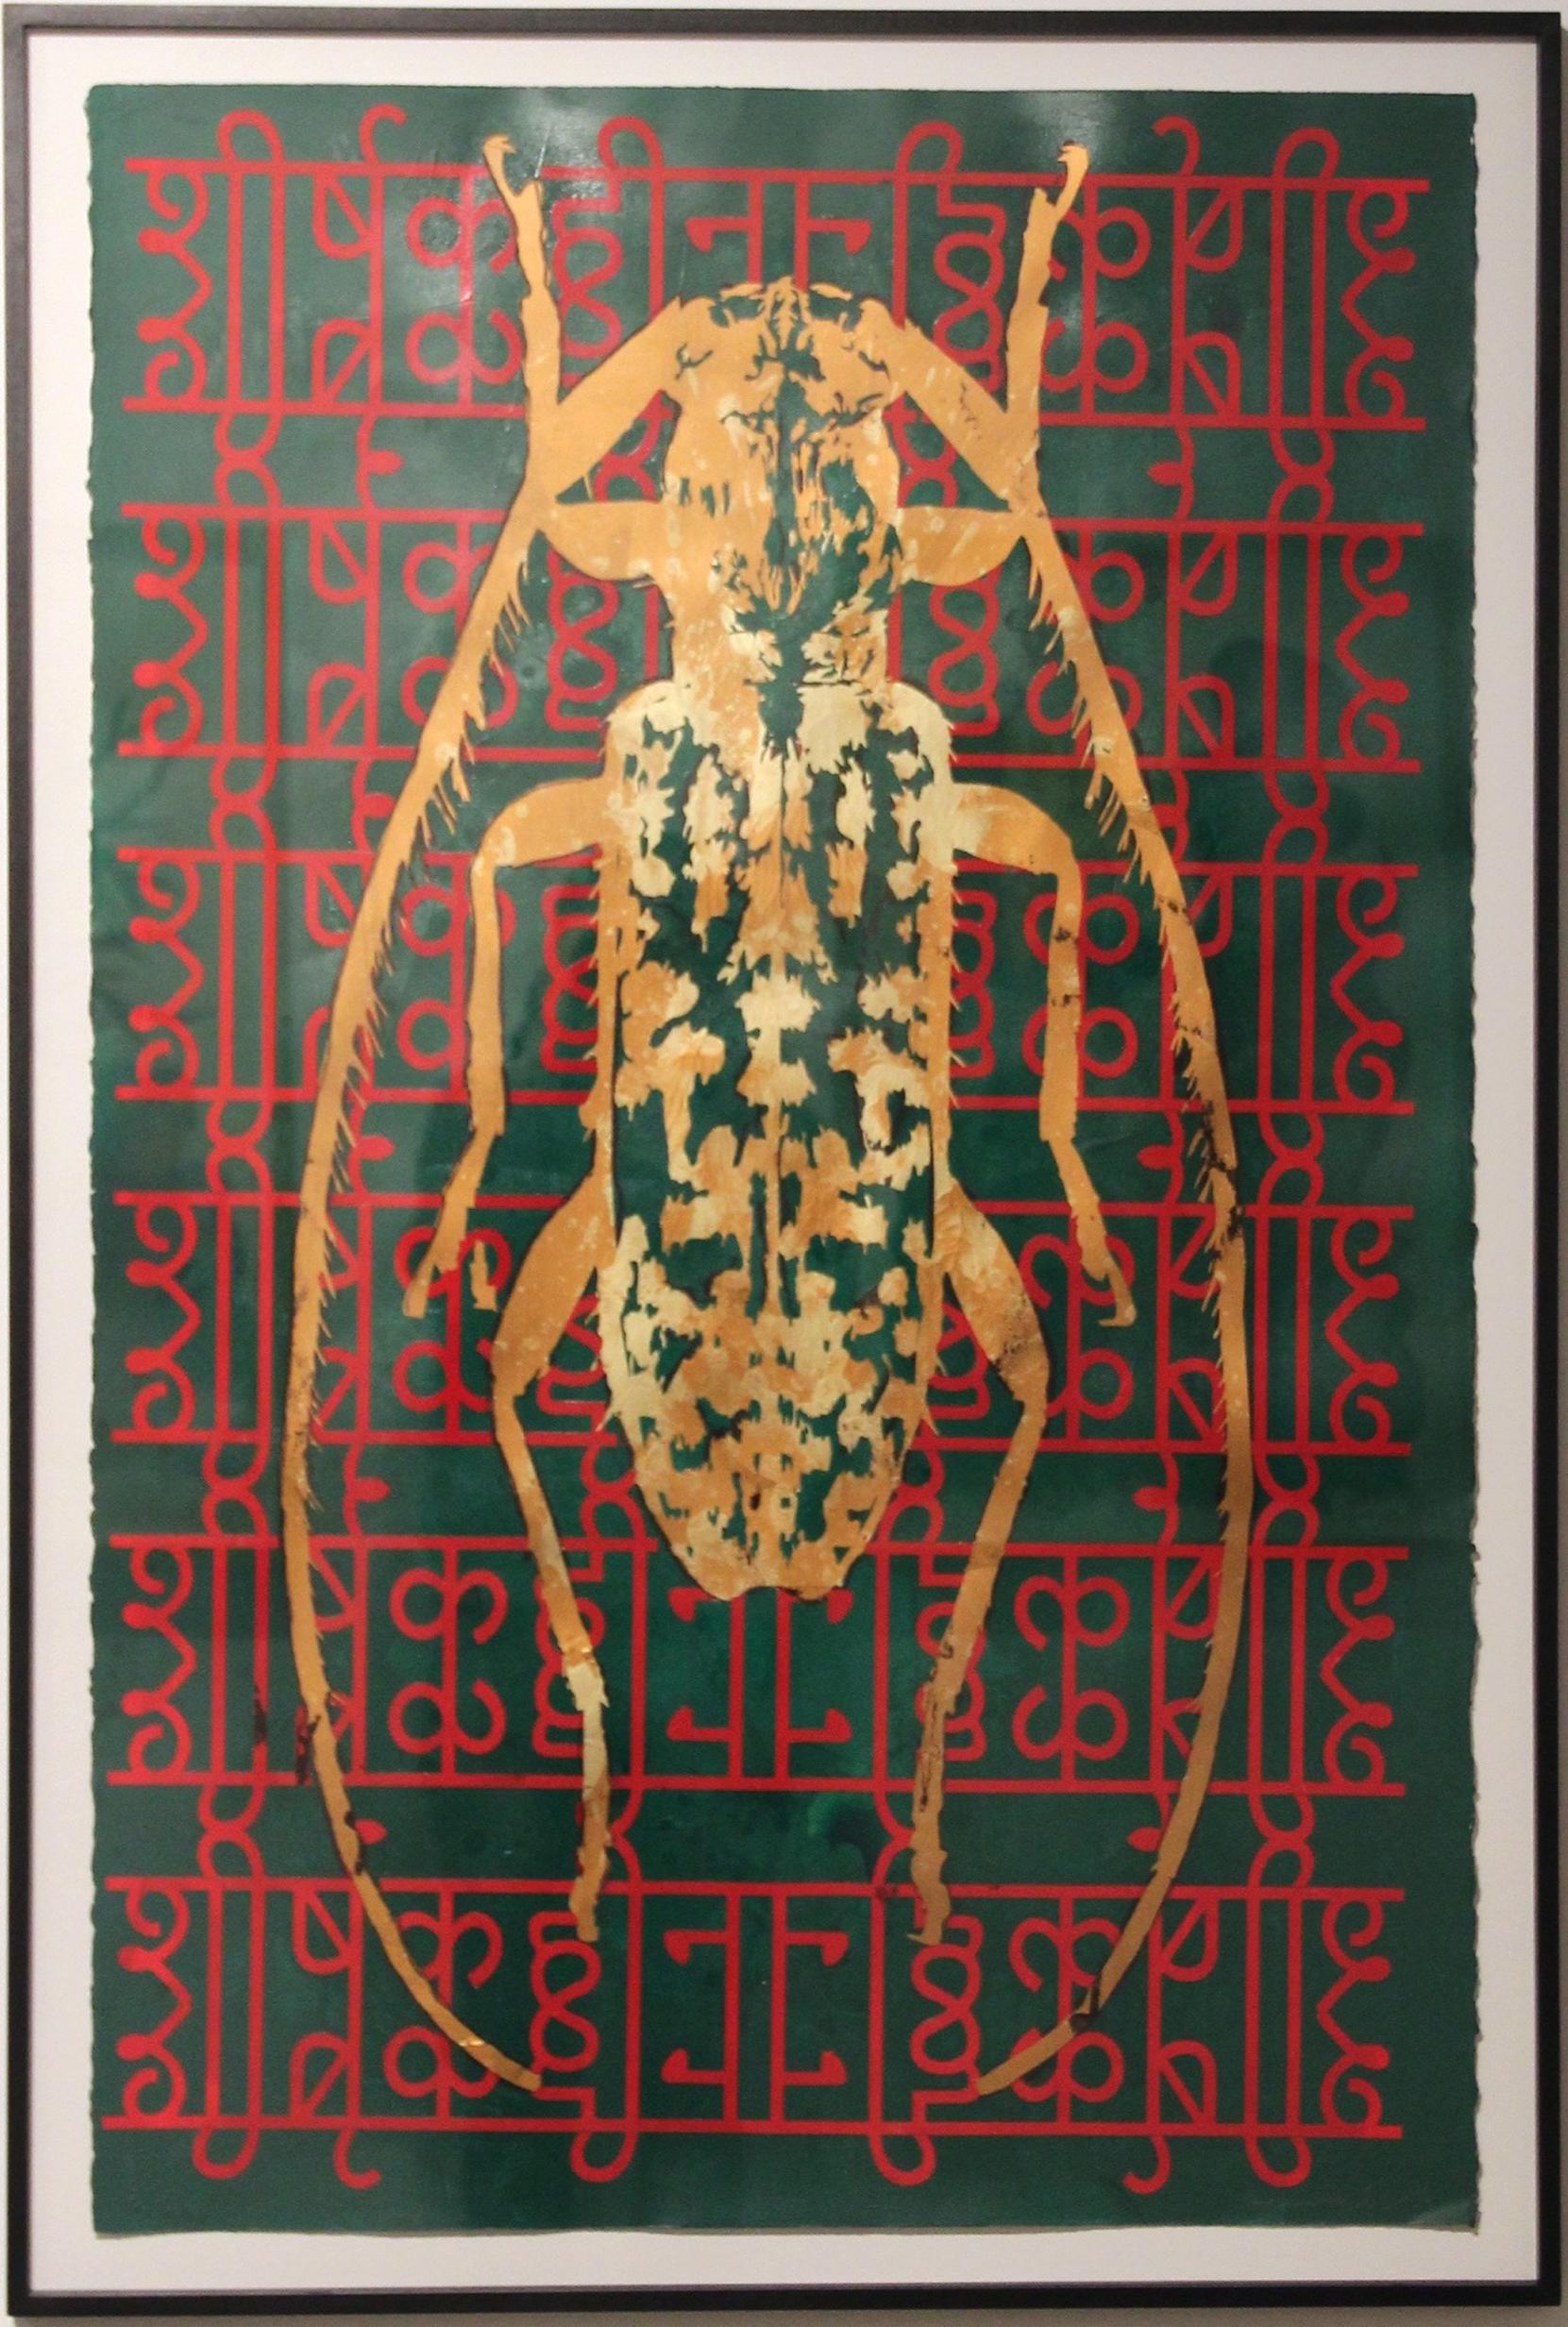 Wittgensteins Beetle 6325